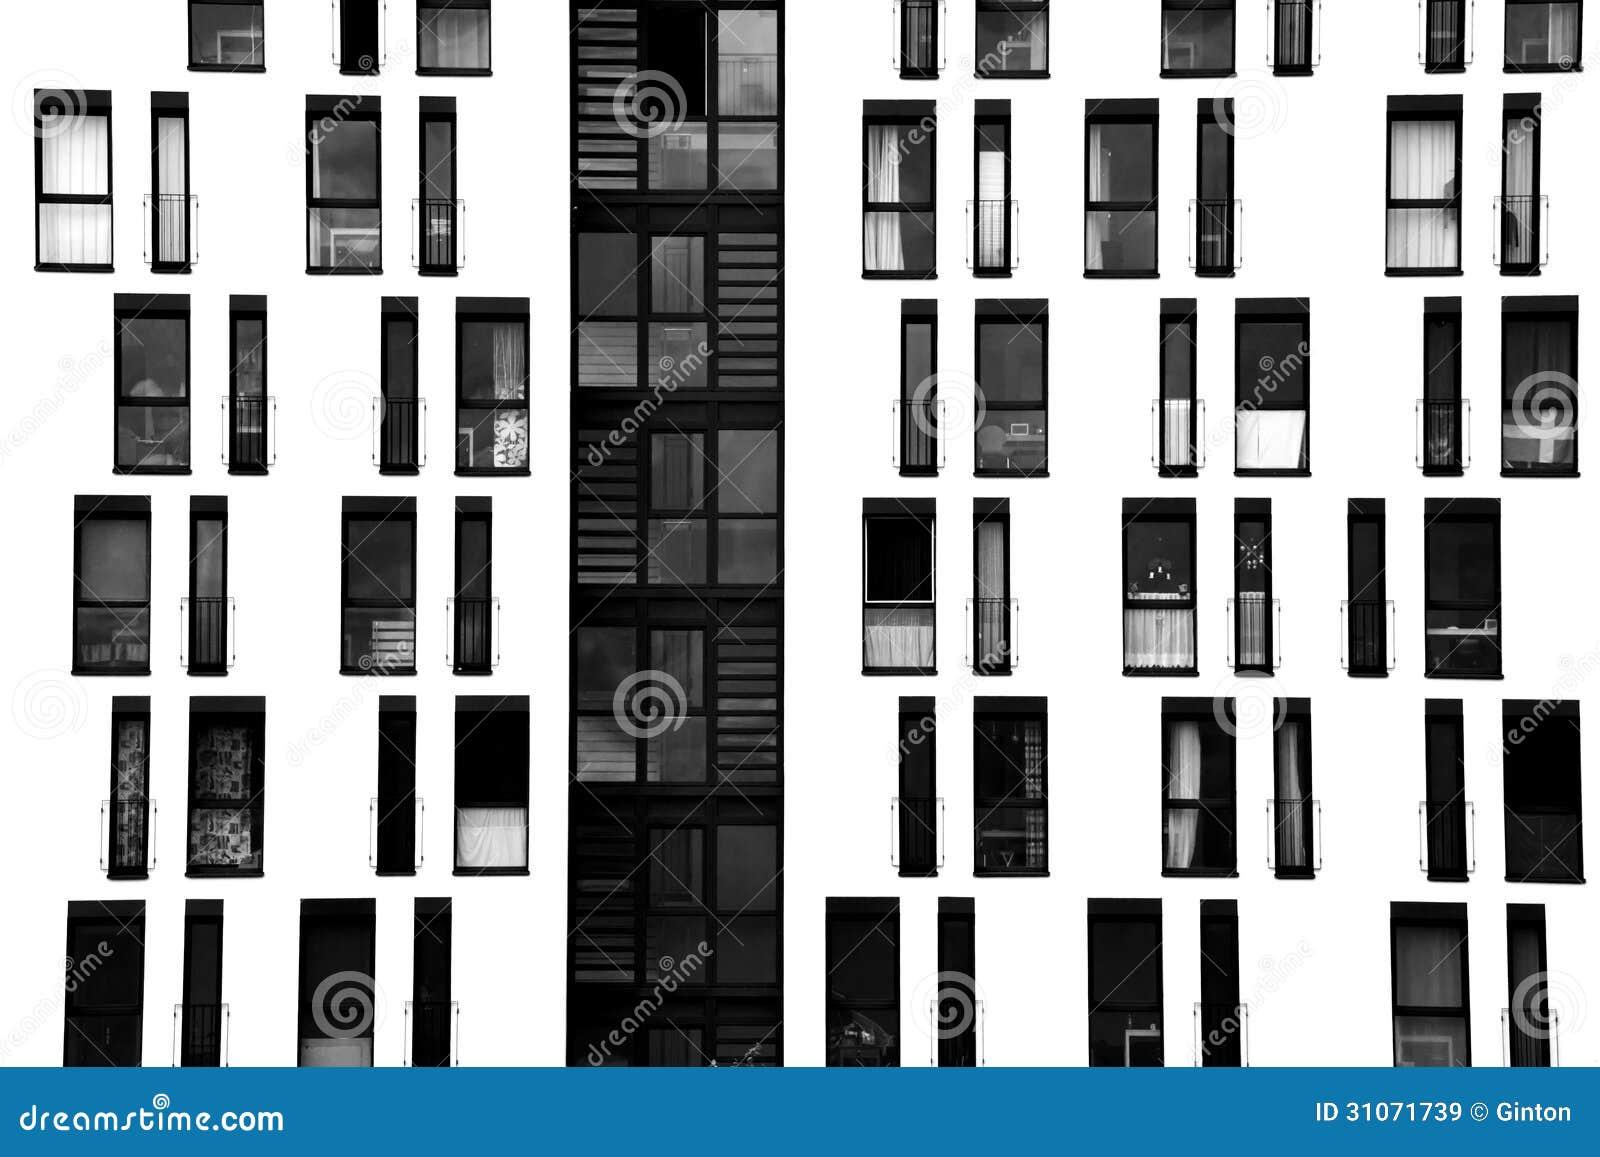 Moderne fenster fassade  Fensterfassade Lizenzfreie Stockbilder - Bild: 31071739